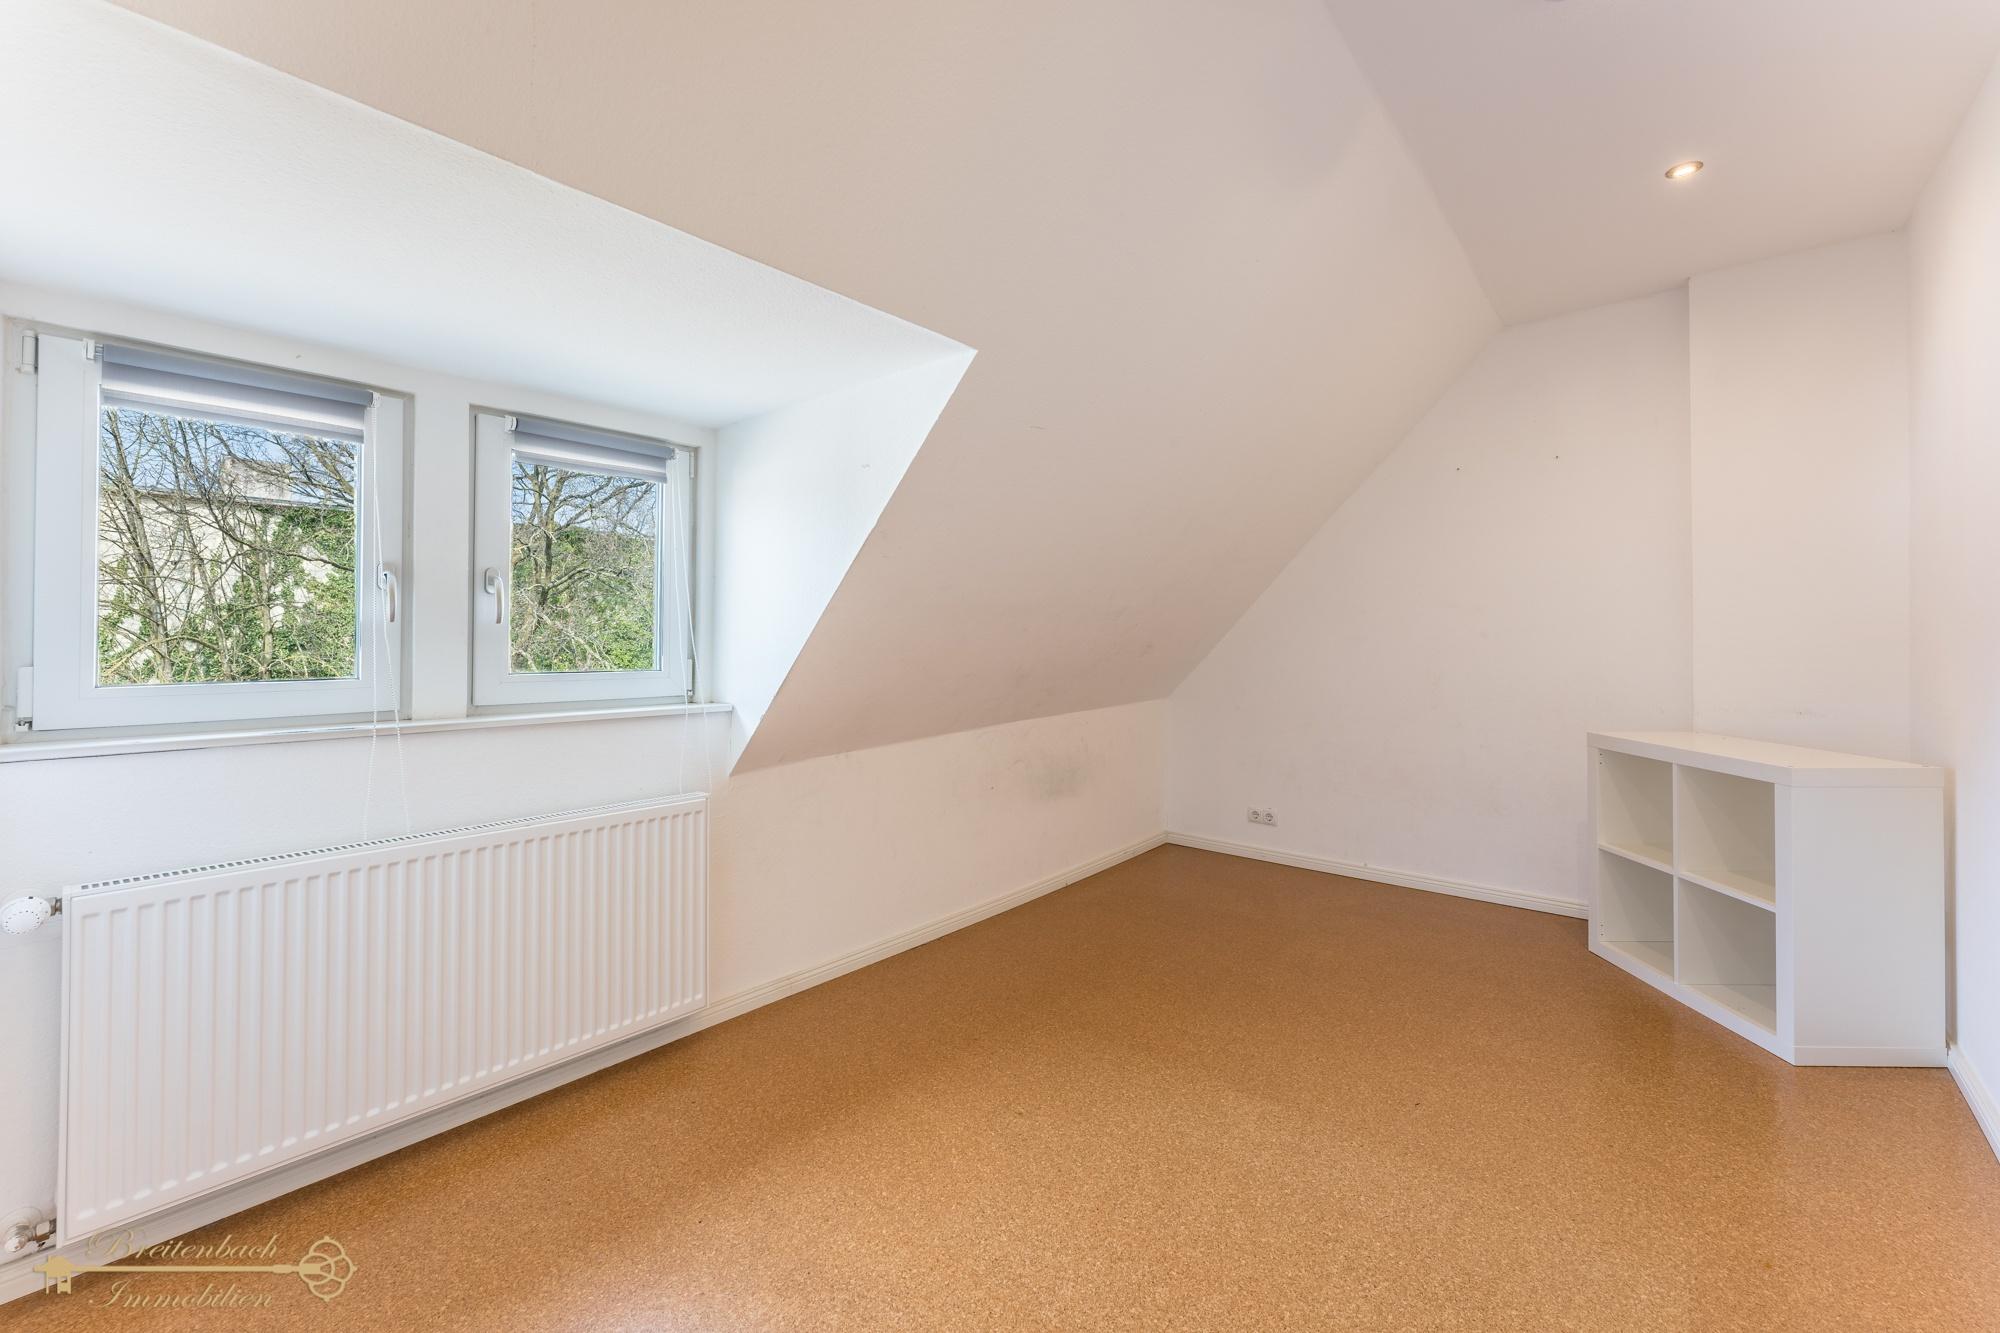 2021-03-25-Breitenbach-Immobilien-Makler-Bremen-21